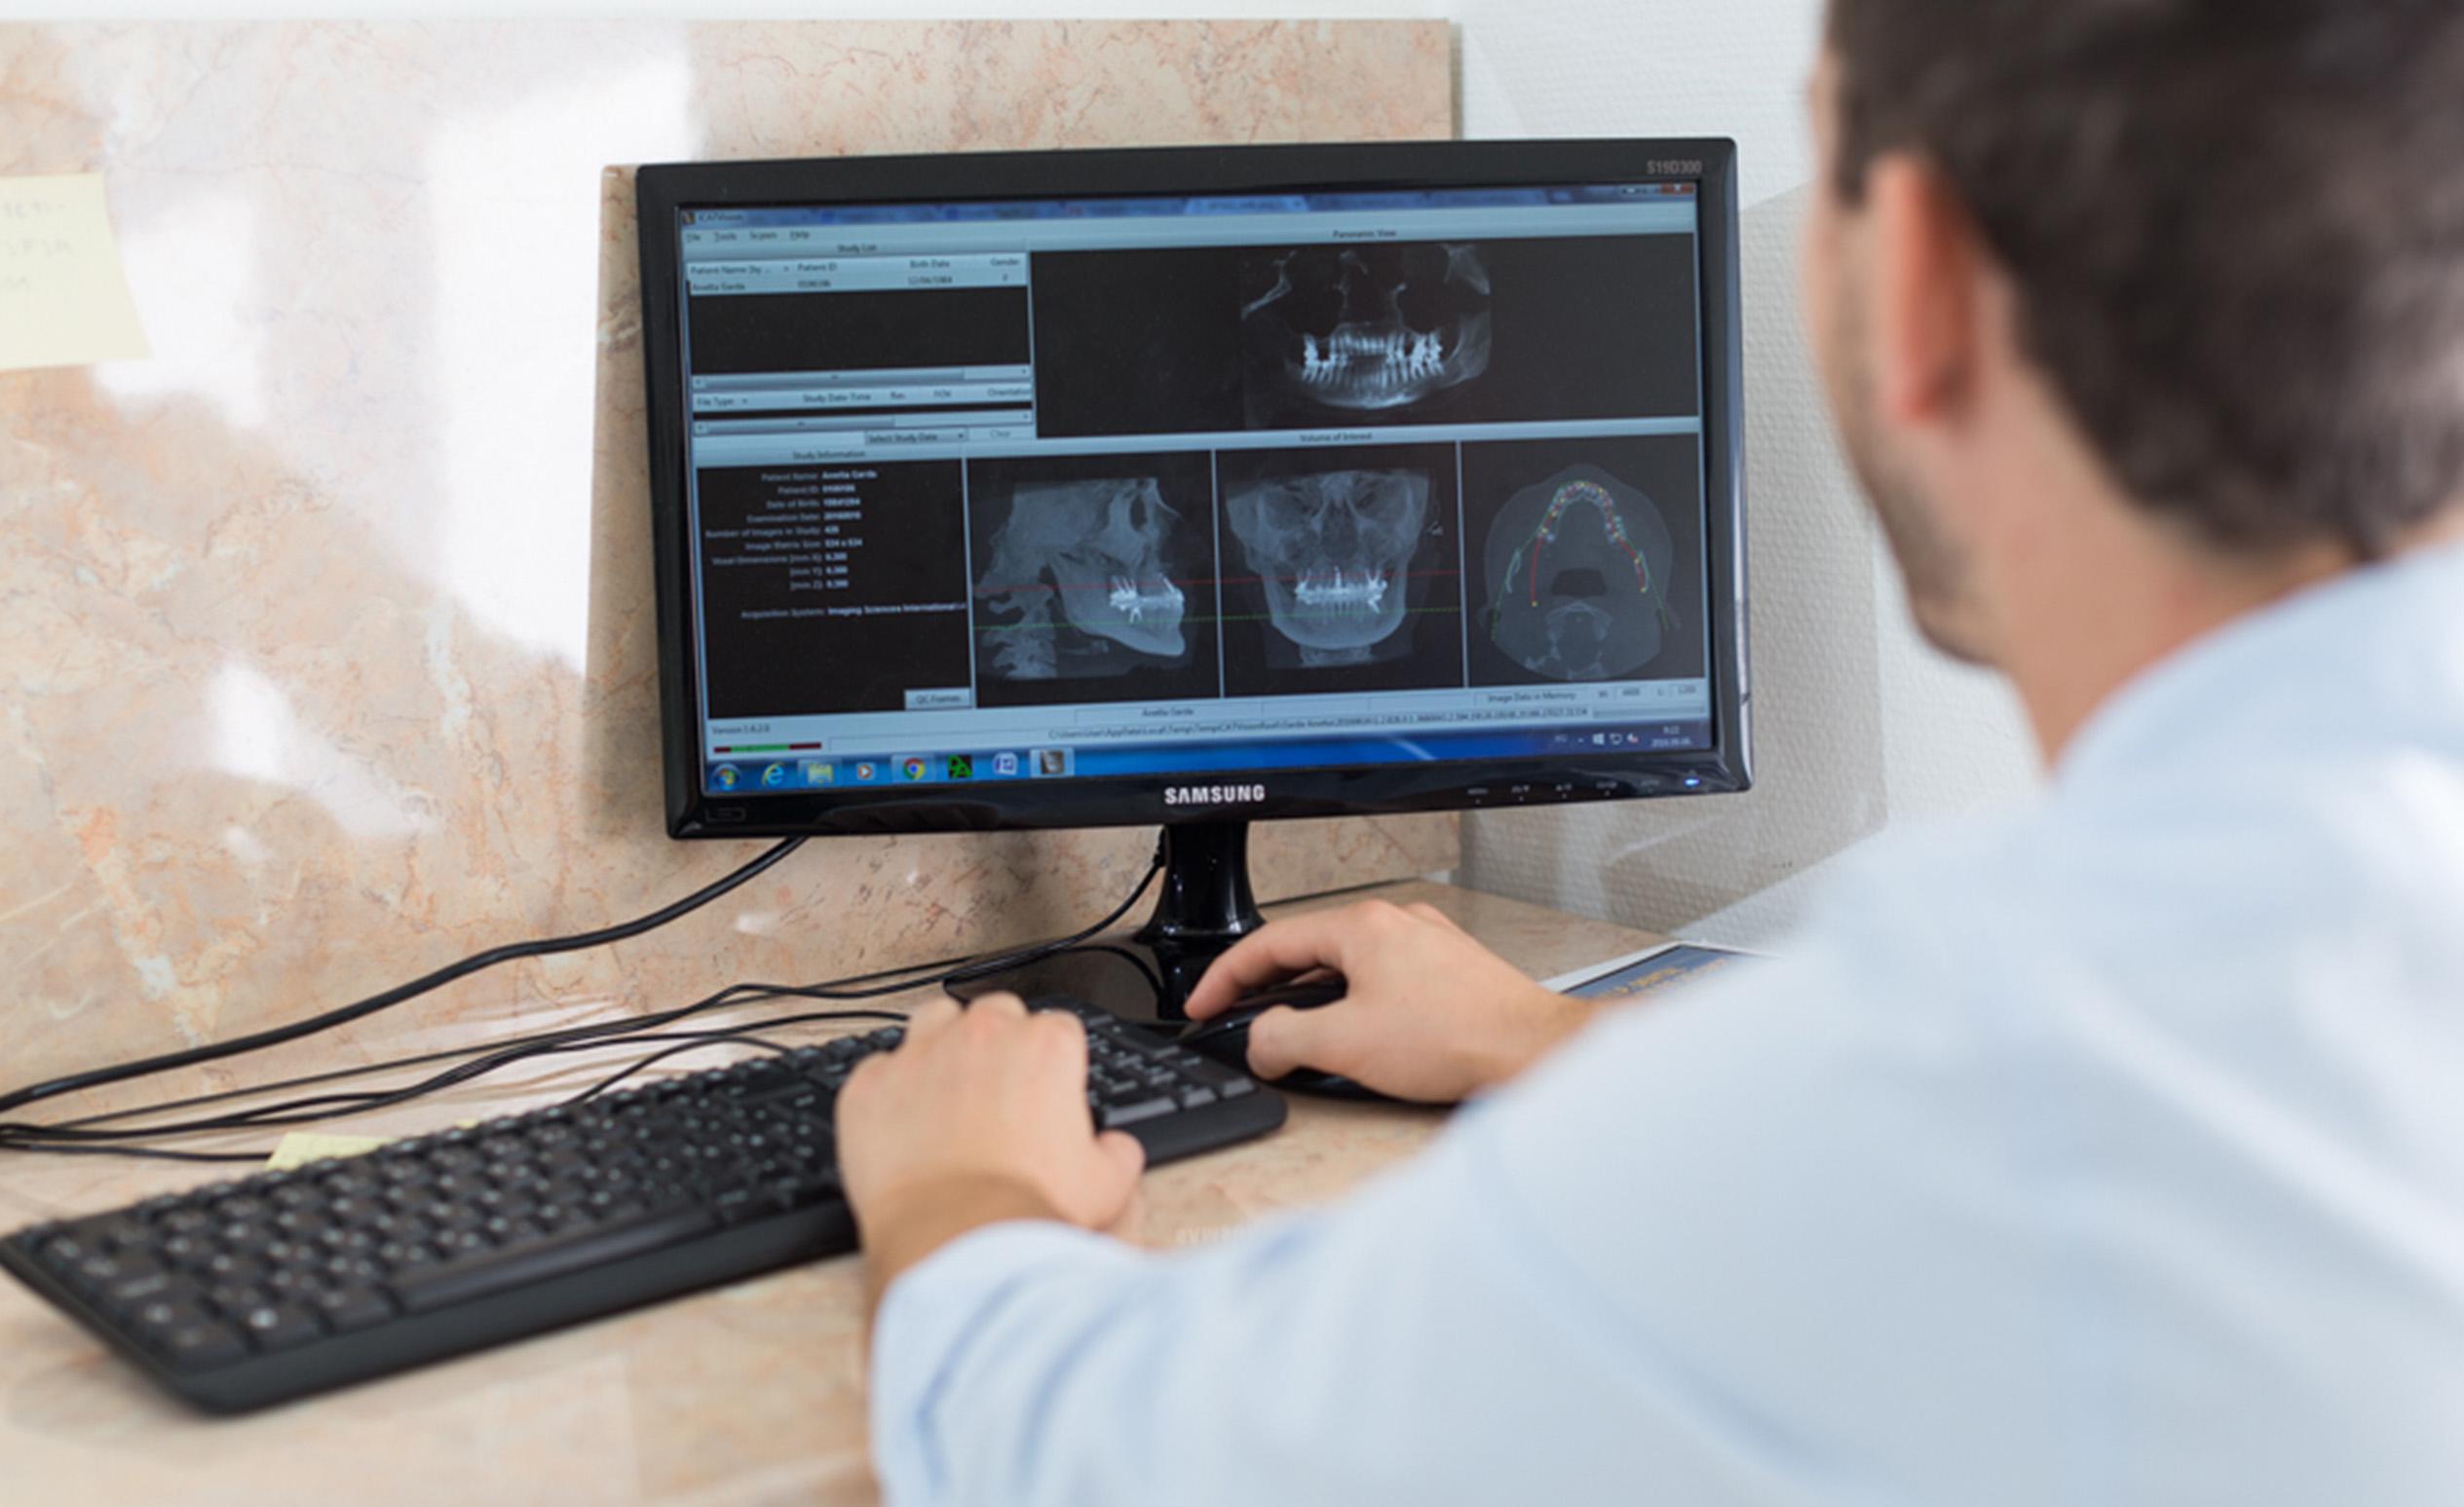 Dr. Varajti Artúr budapesti fogorvos, szájsebész ül a számítógép előtt és fogbeültetést támogató programot használ.